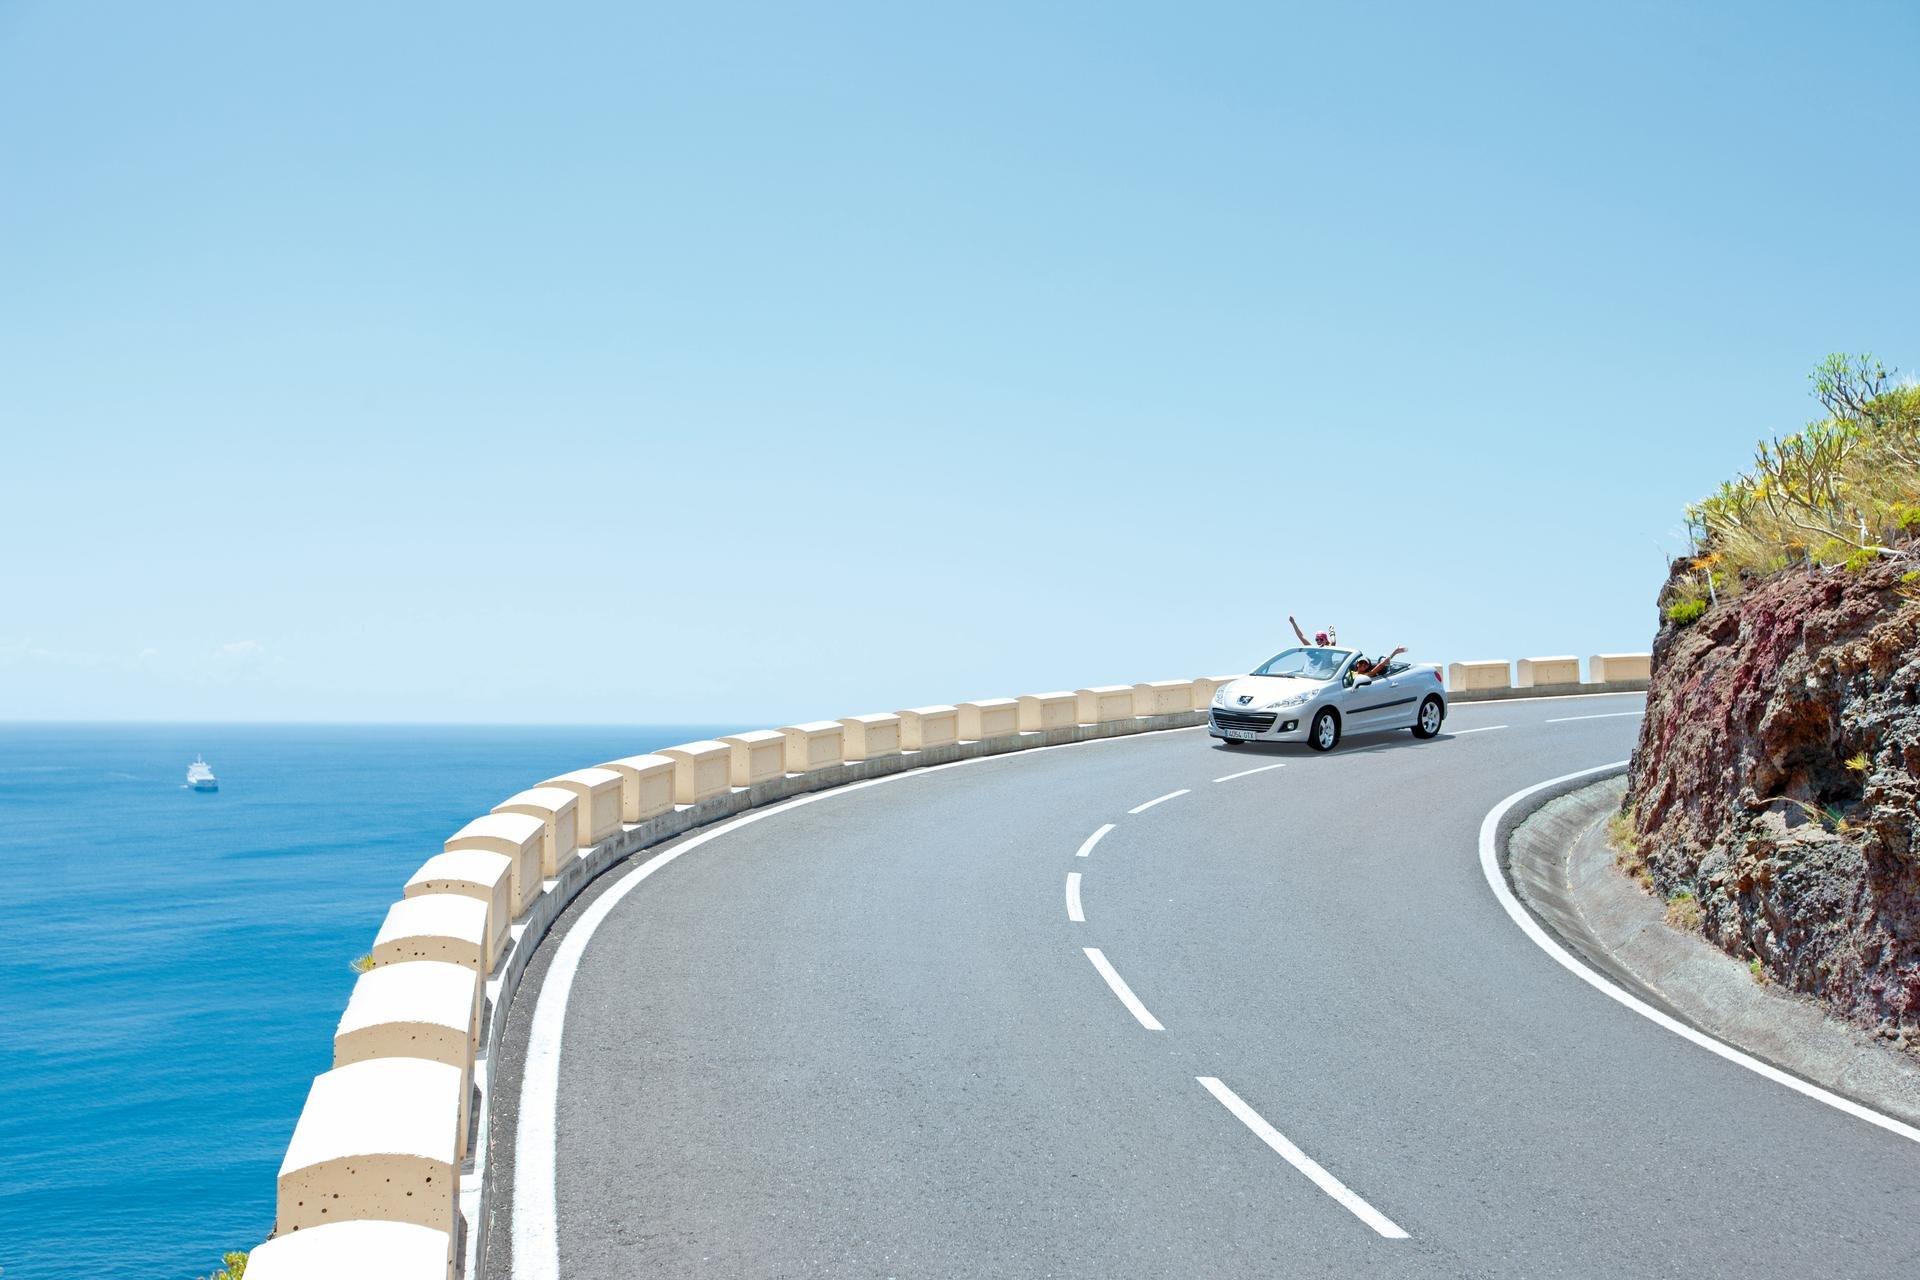 Prečo je dovolenka na Tenerife výborný nápad?